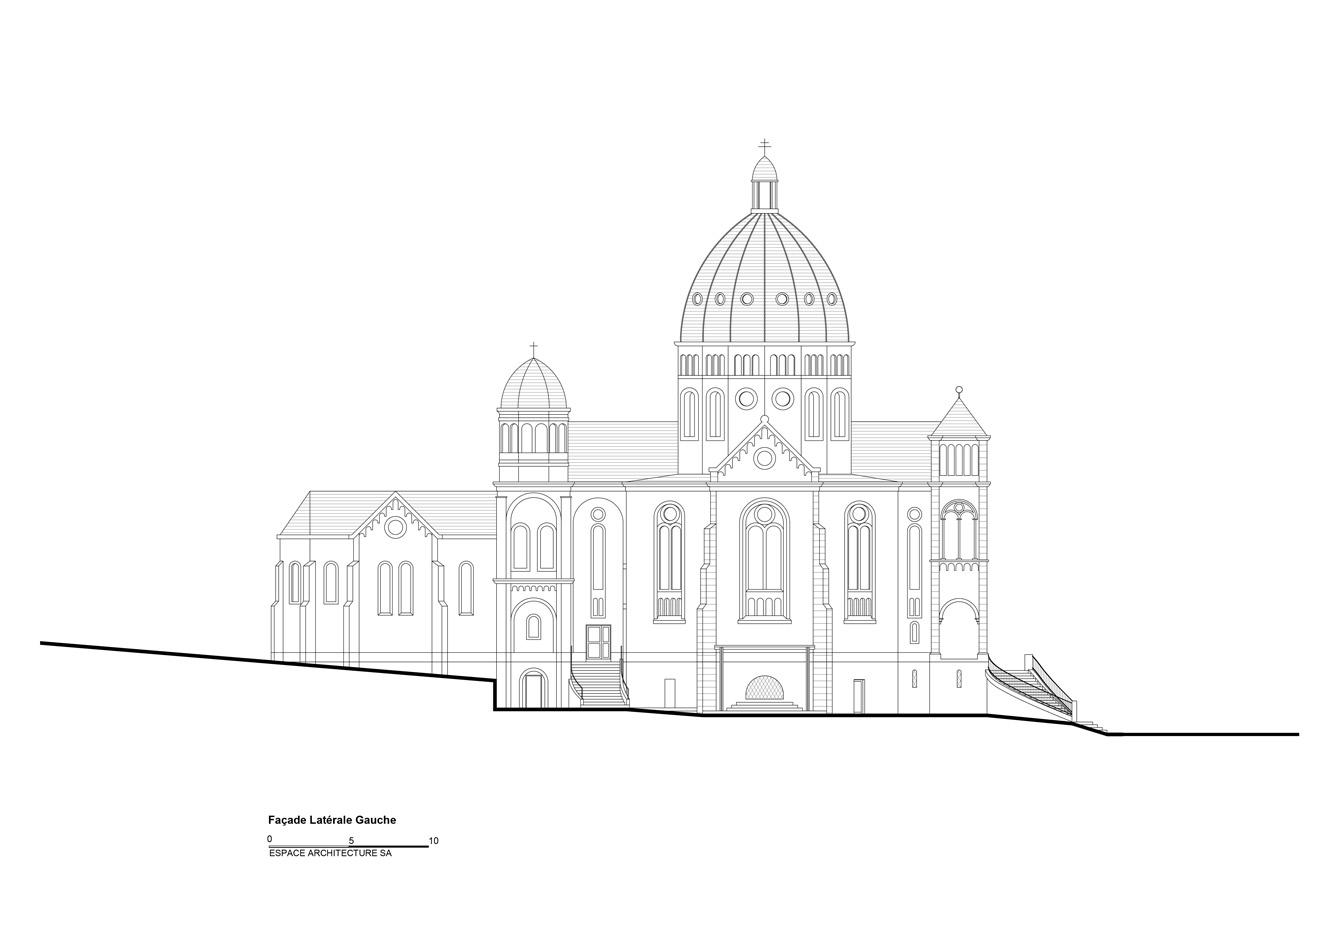 Basilique Notre Dame de Bon Secours Facade latérale gauche